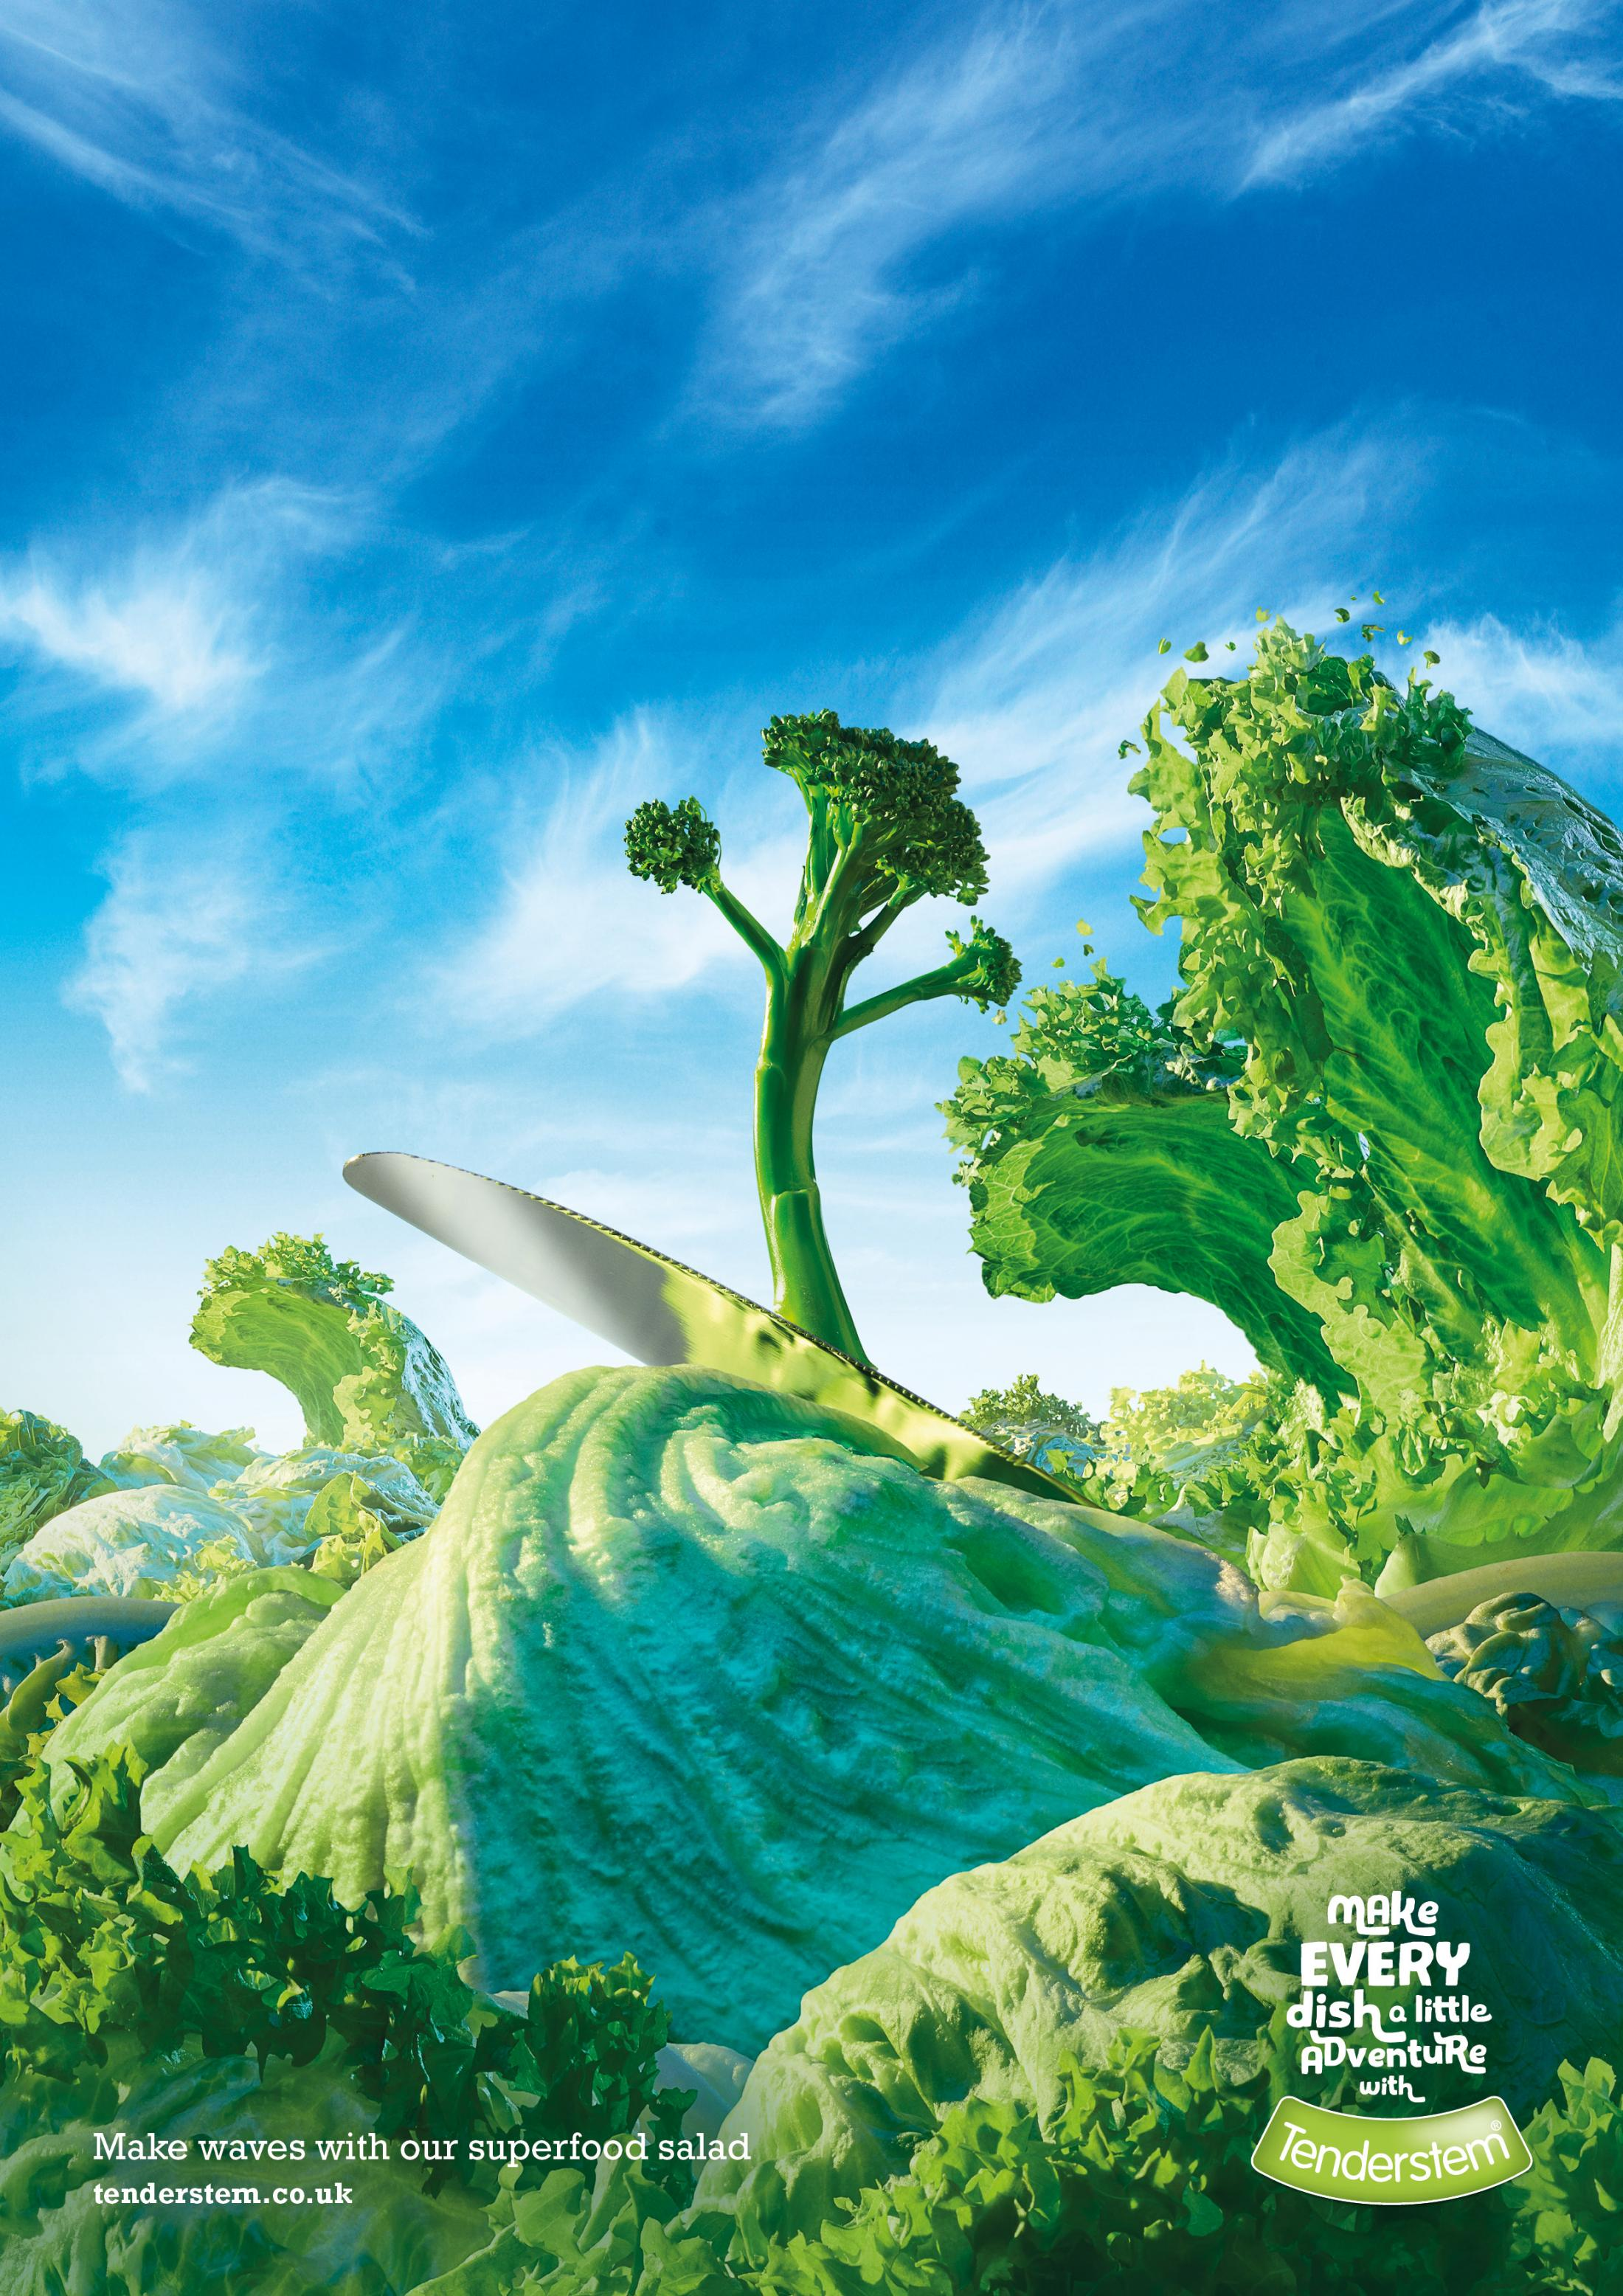 数码品牌logo_英国Tenderstem食品平面广告设计-中国设计在线